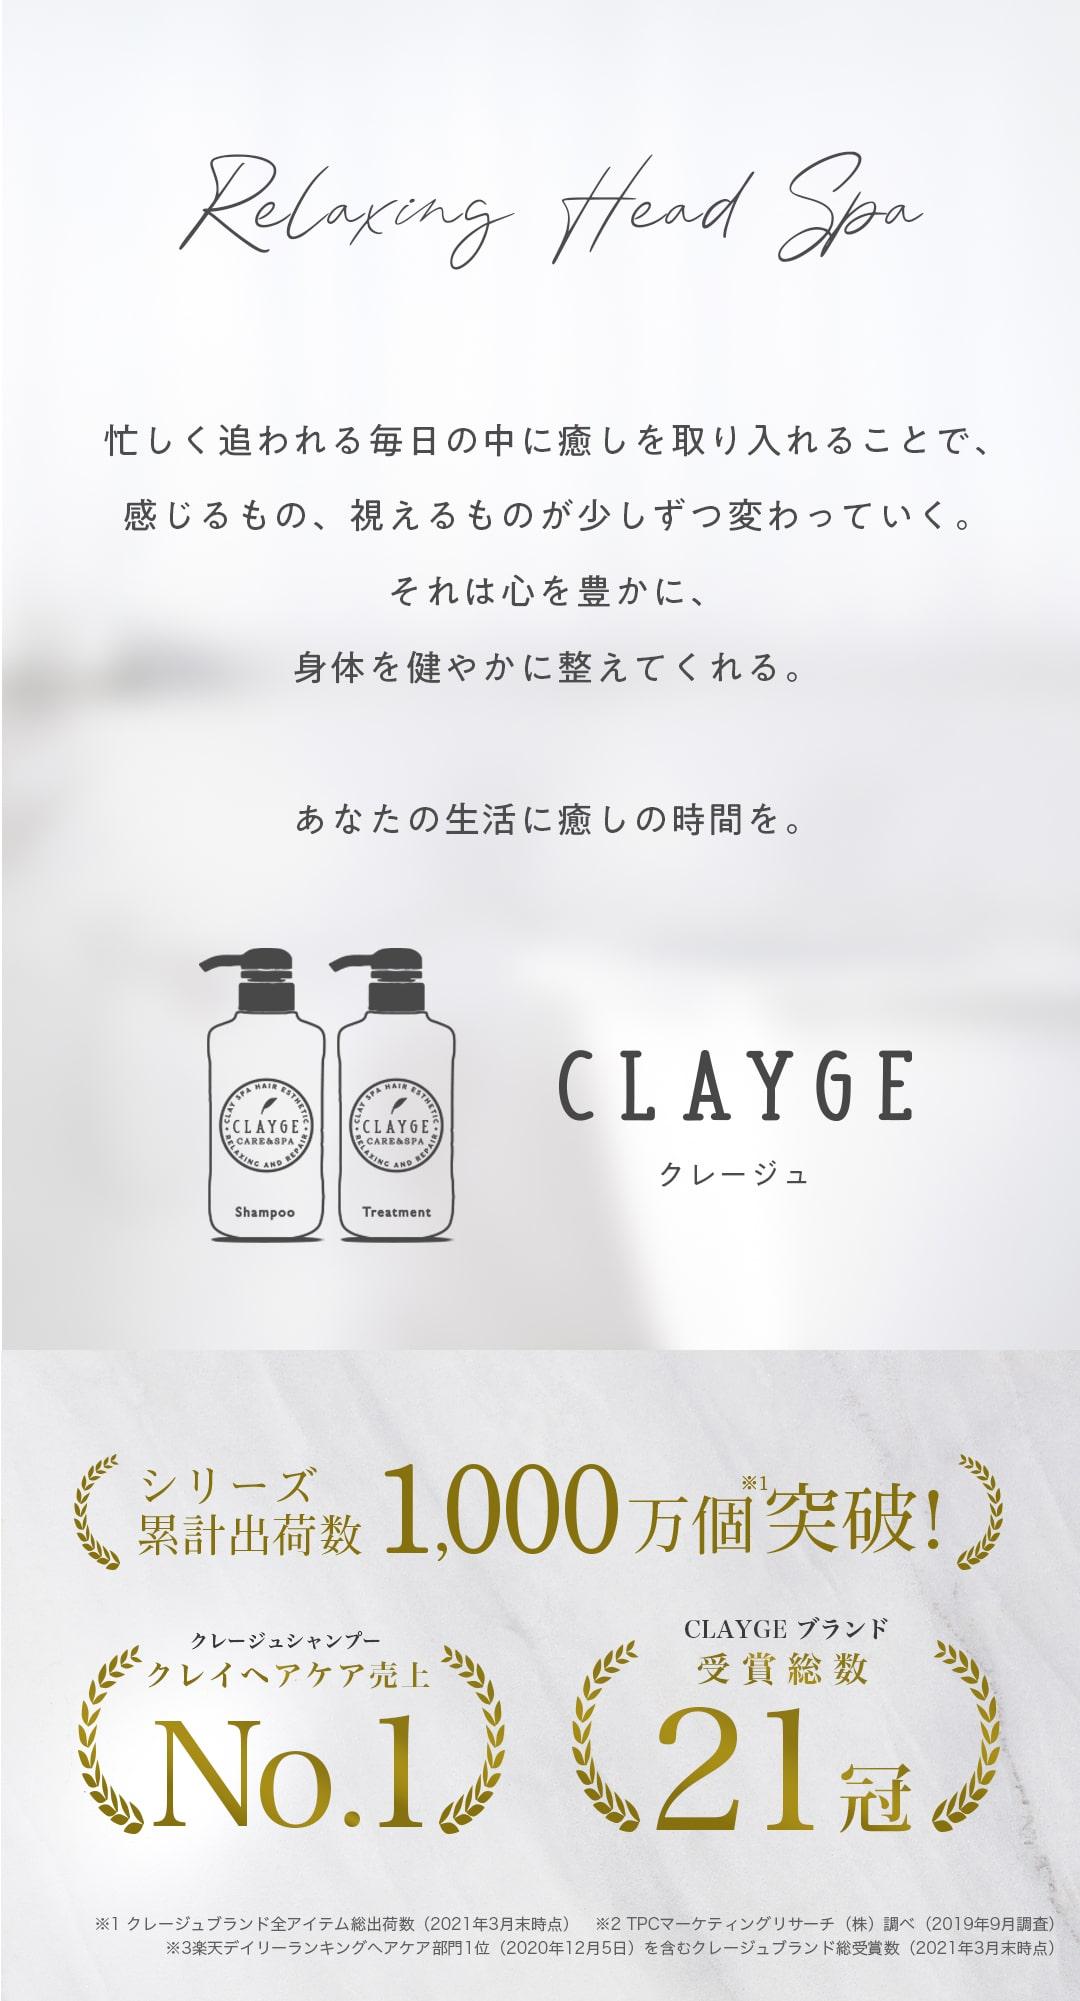 クレージュ/CLAYGE/シャンプー/ノンシリコン/セット/ポンプ/スカルプ/アミノ酸/頭皮ケア/ボタニカル/楽天/送料無料